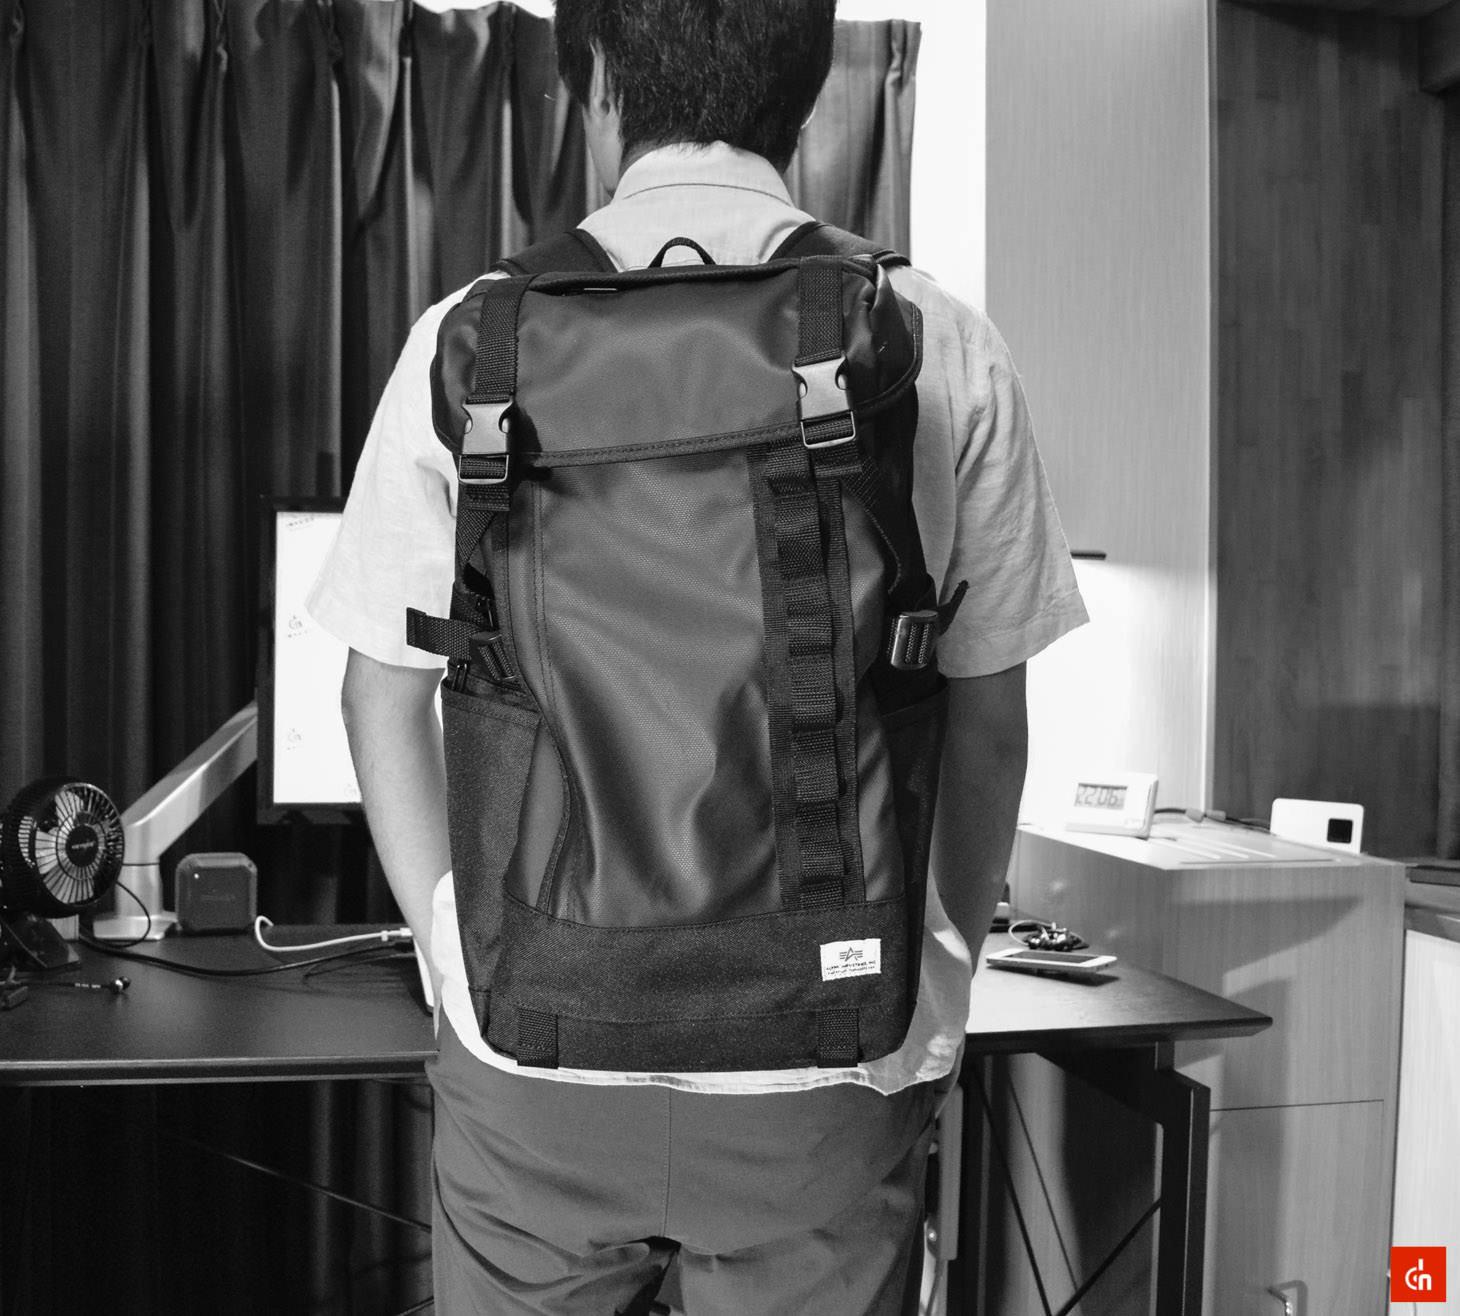 068_20160707_sanwa-square-bag